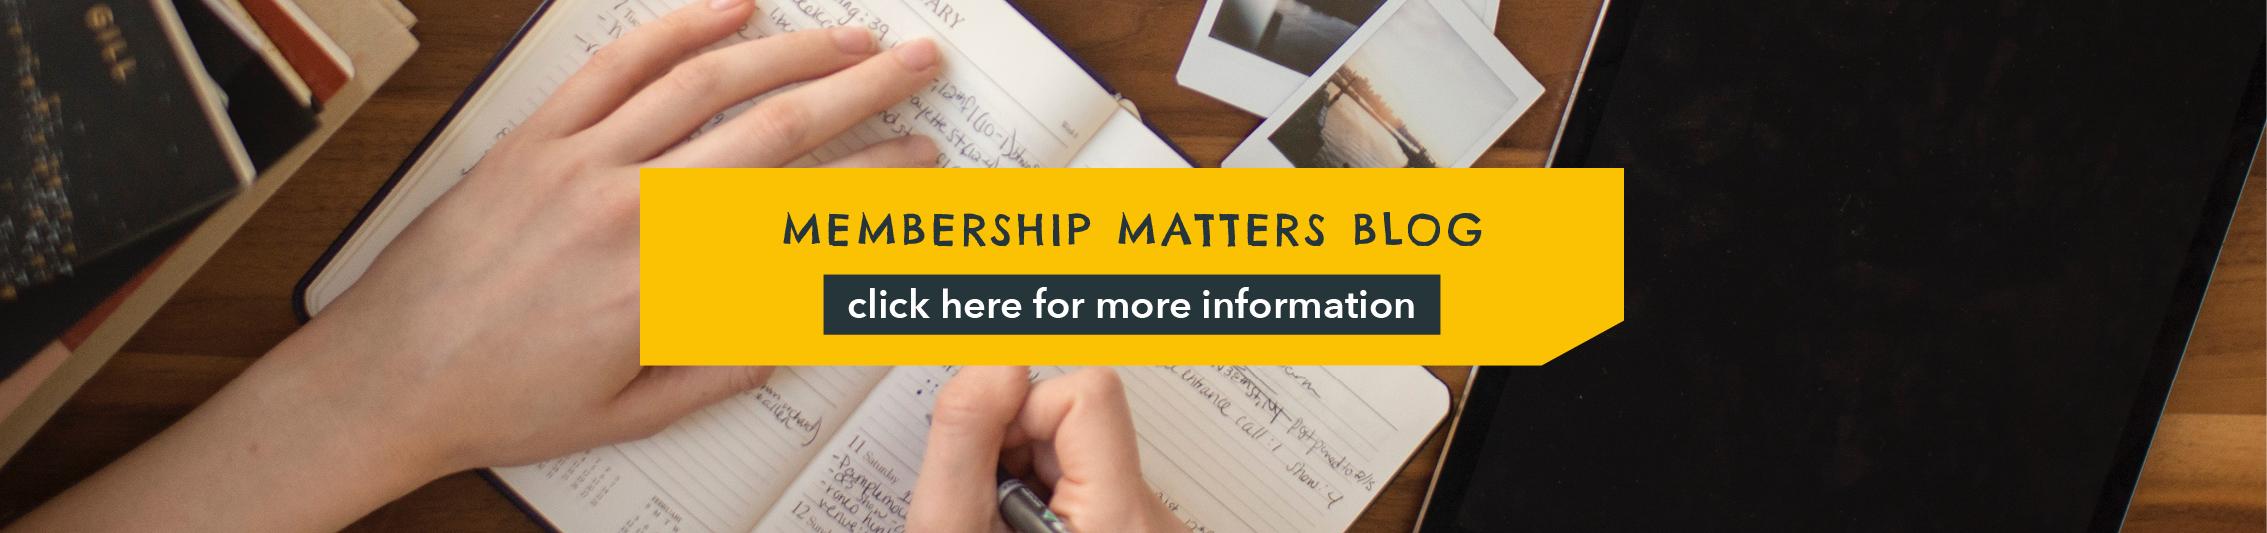 Member Blog